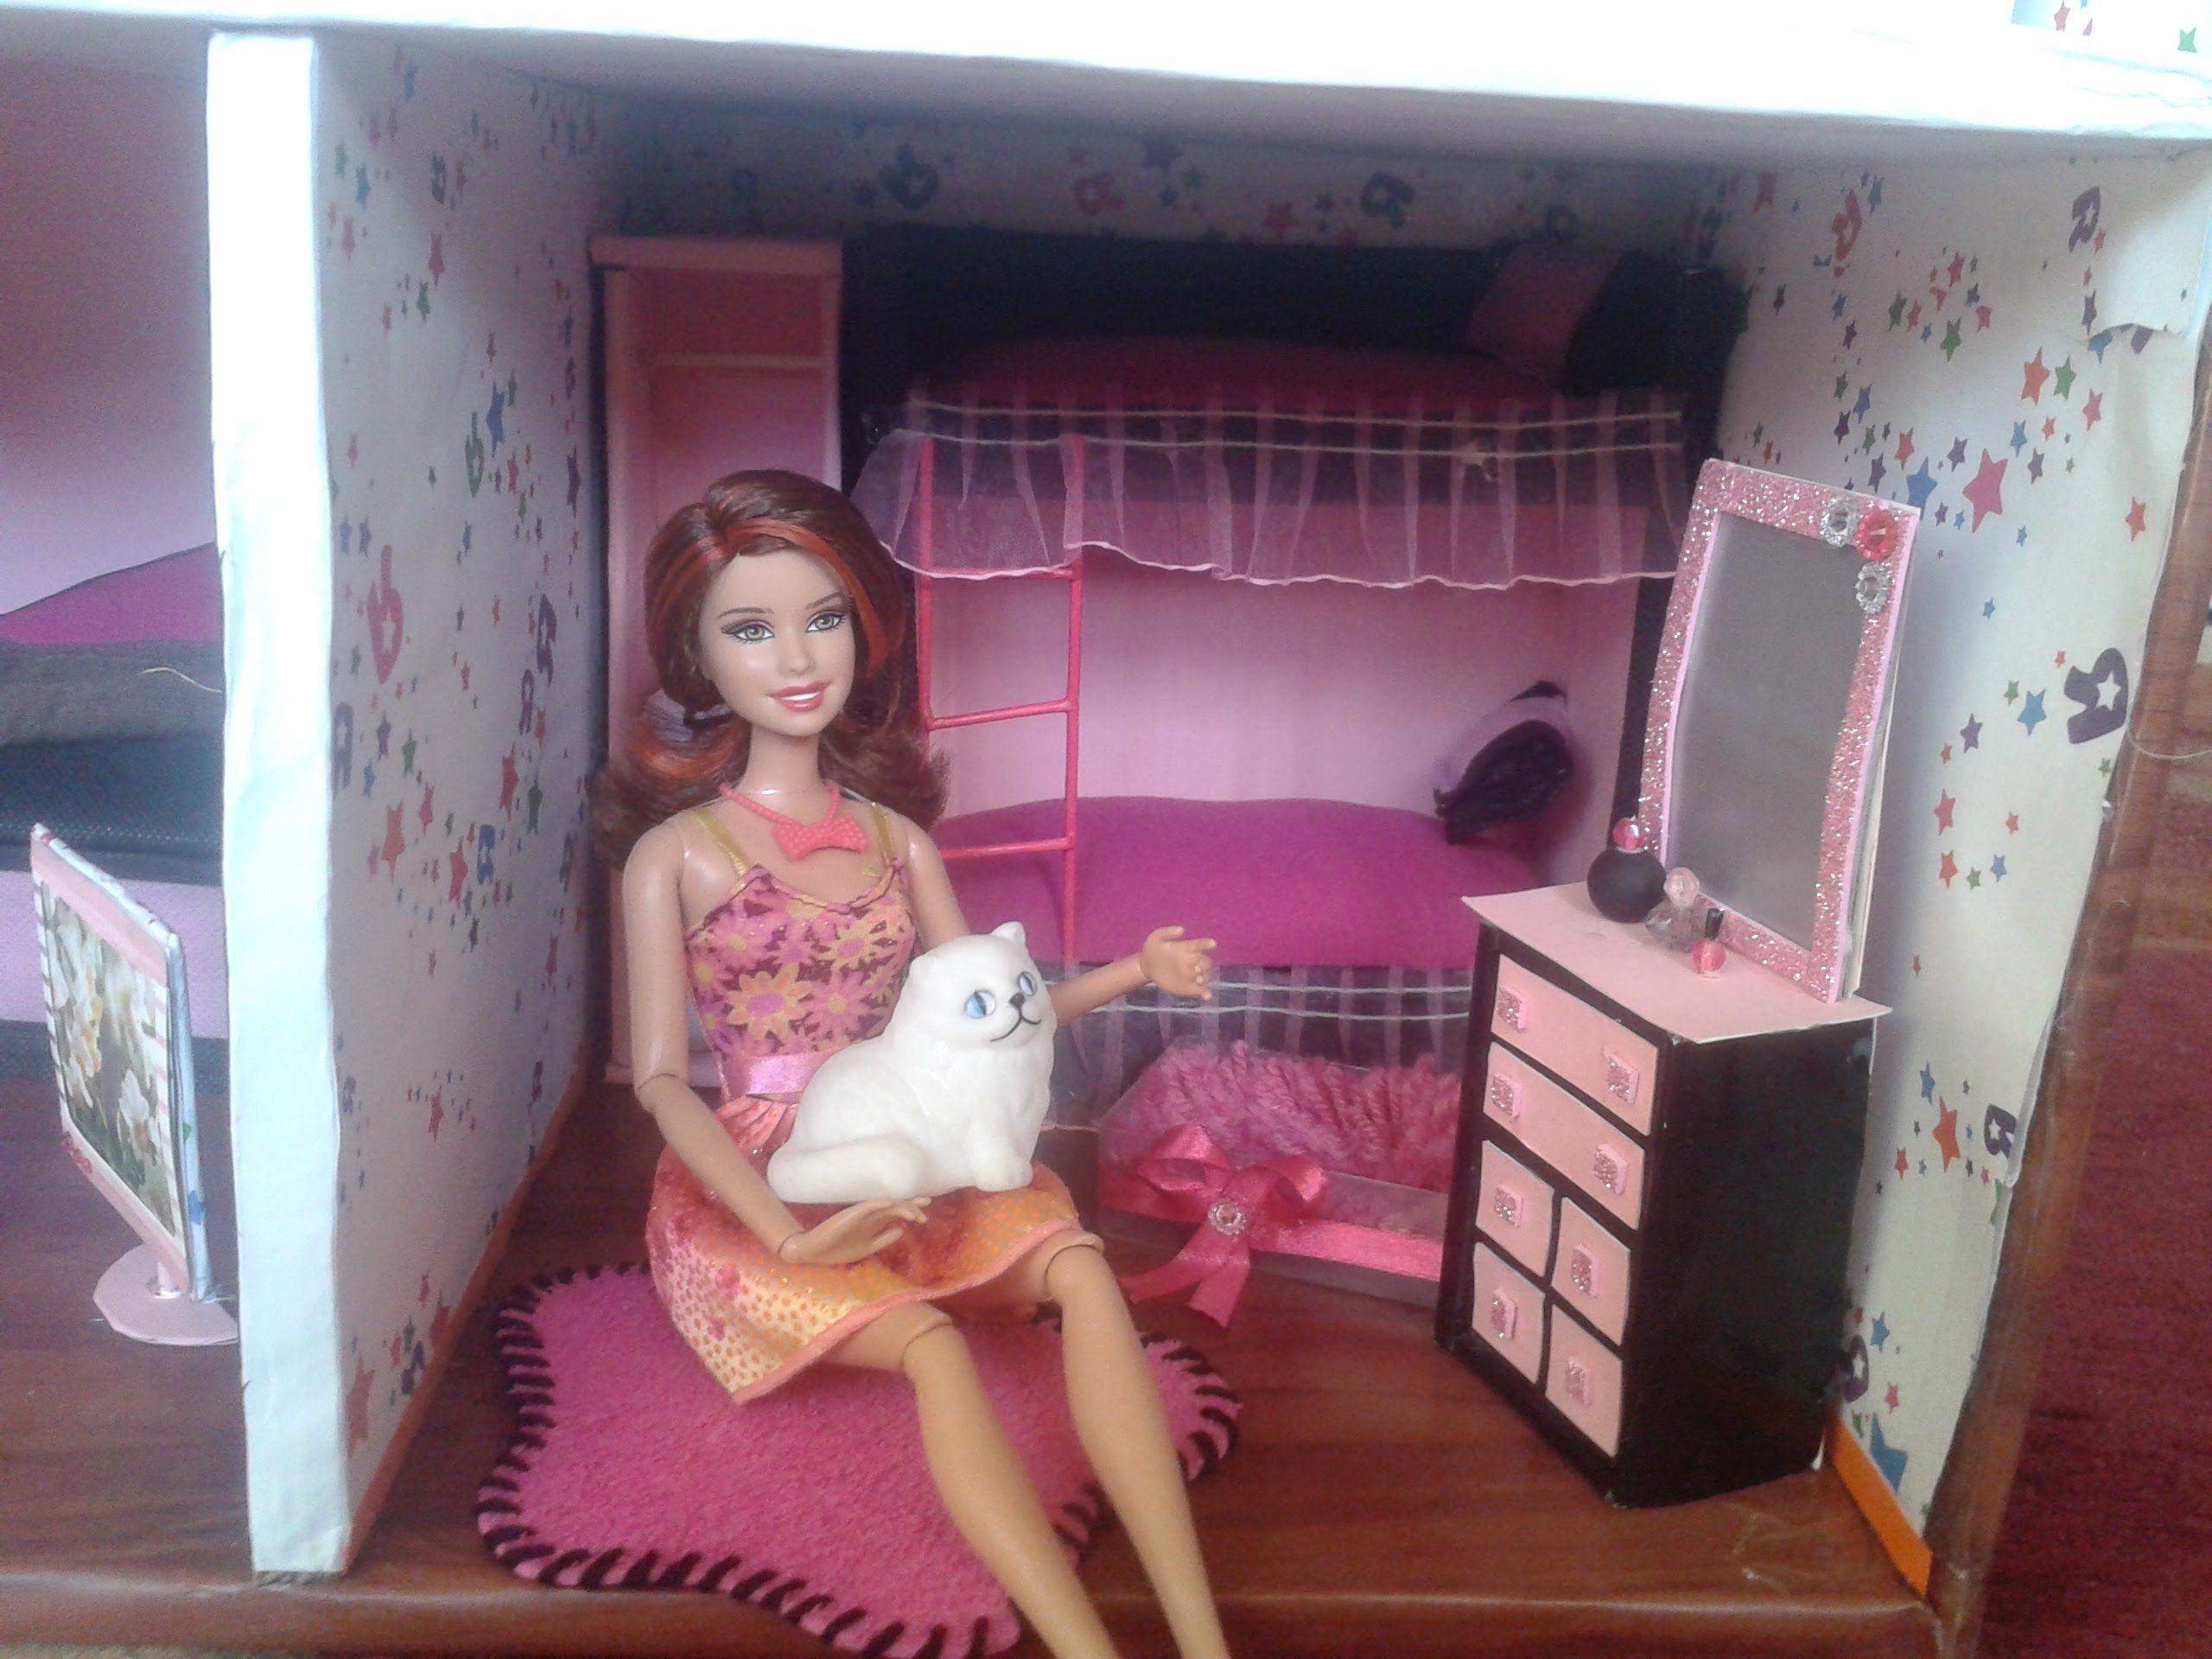 العاب منزل تنظيف باربي Barbie Toys Loft Bed Decor